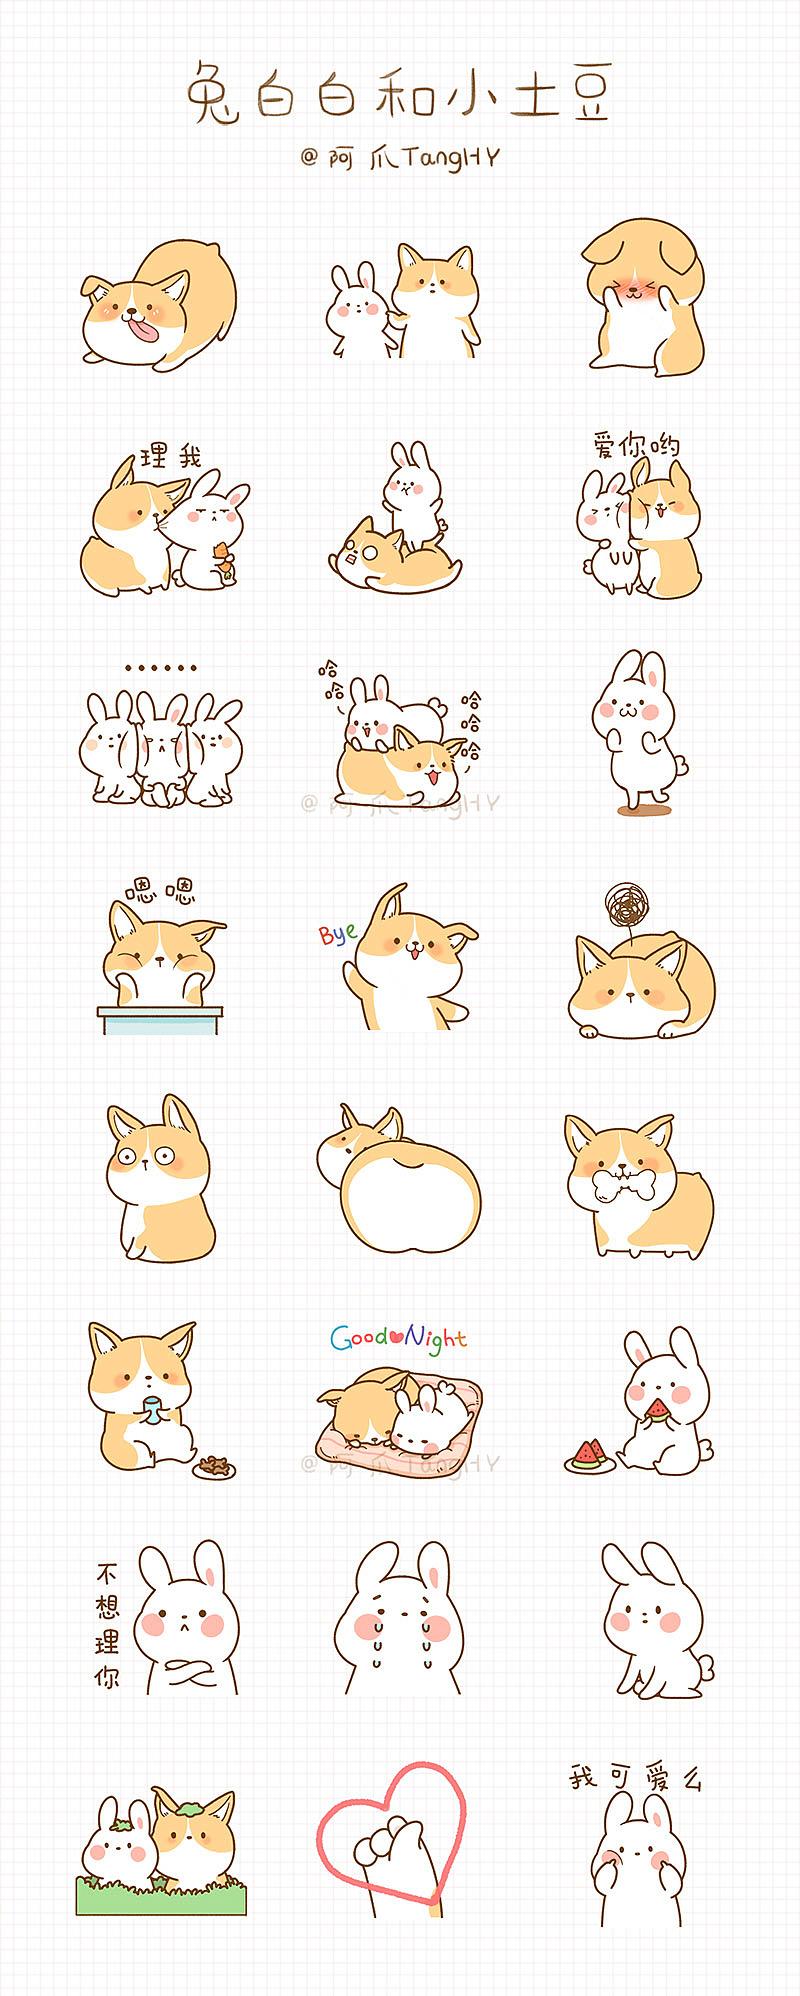 兔白白和小网络--微信表情v网络(表情)|土豆|动漫了脸一写真诚动画包图片